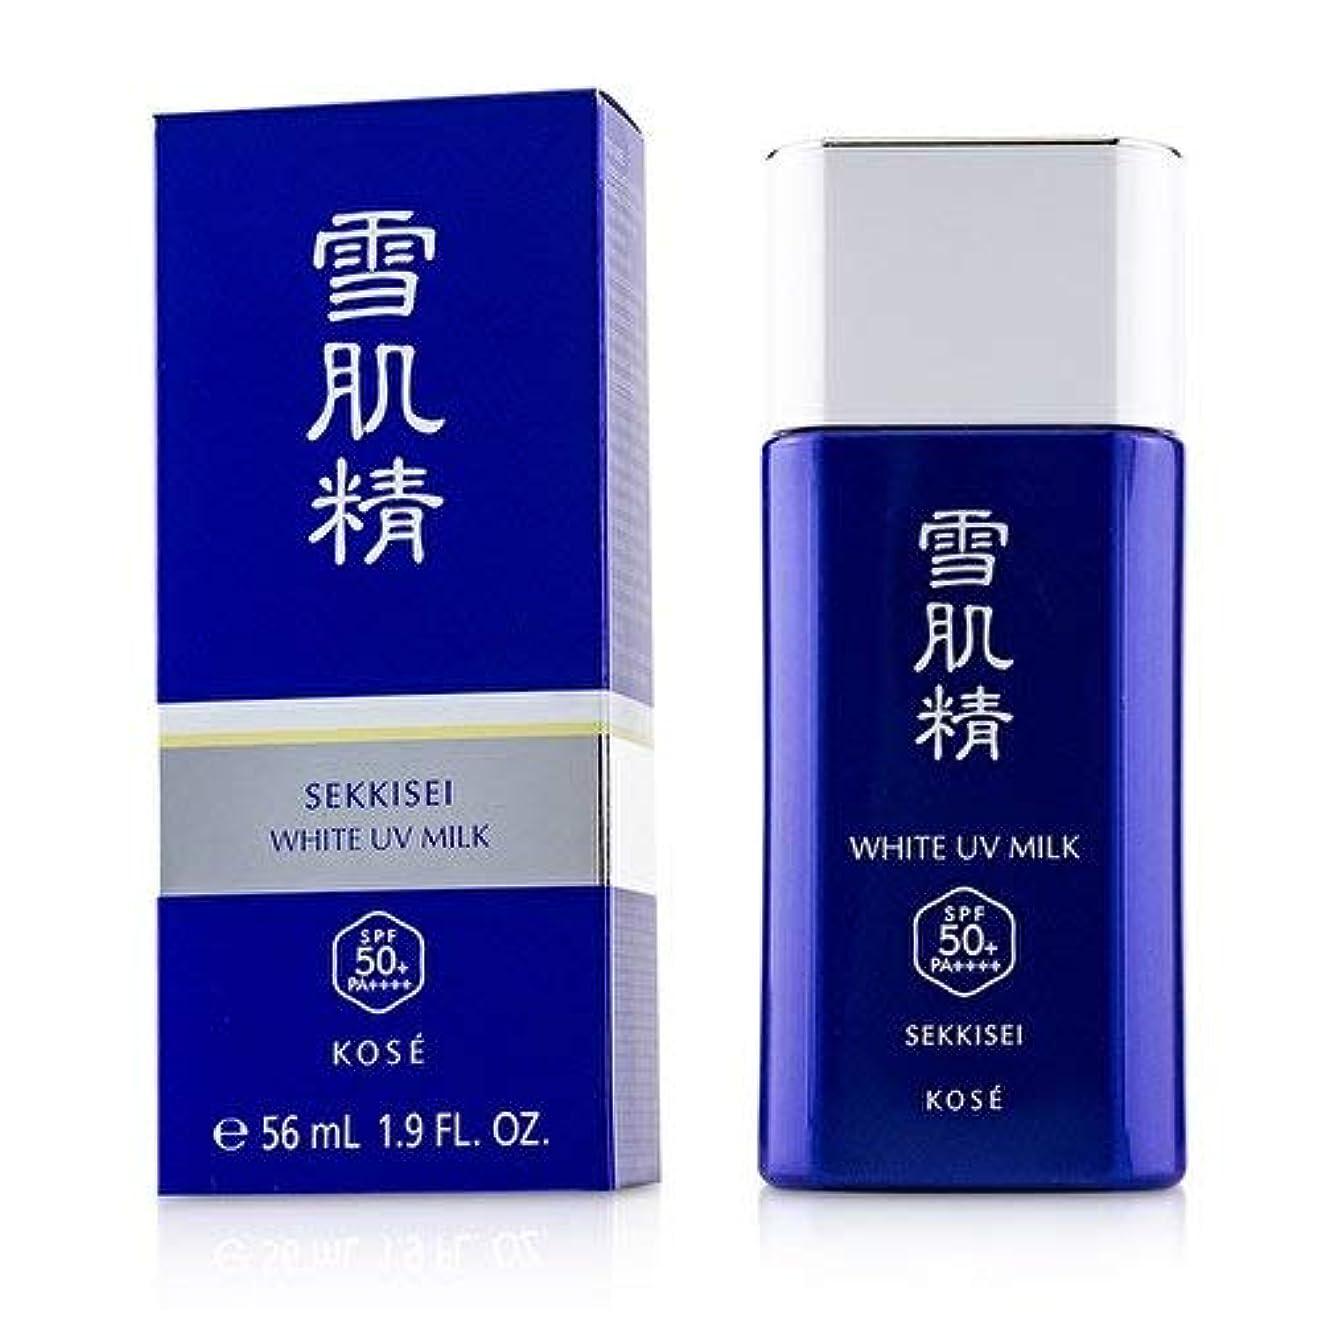 手当哀れな値するコーセー 雪肌精 ホワイト UV ミルク SPF50+/PA++++ 60g